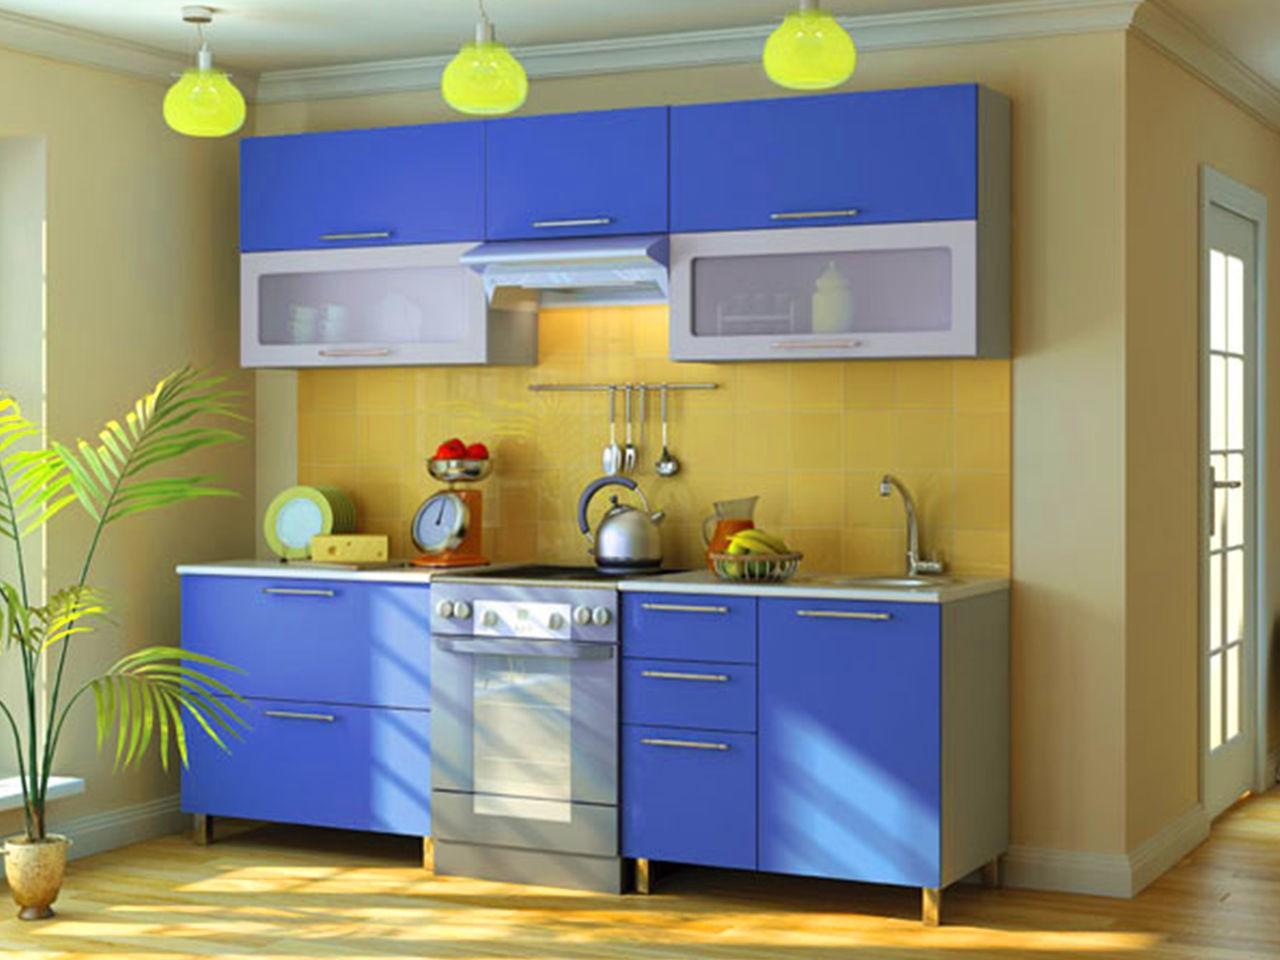 Дизайн кухни в сине-желтом цвете